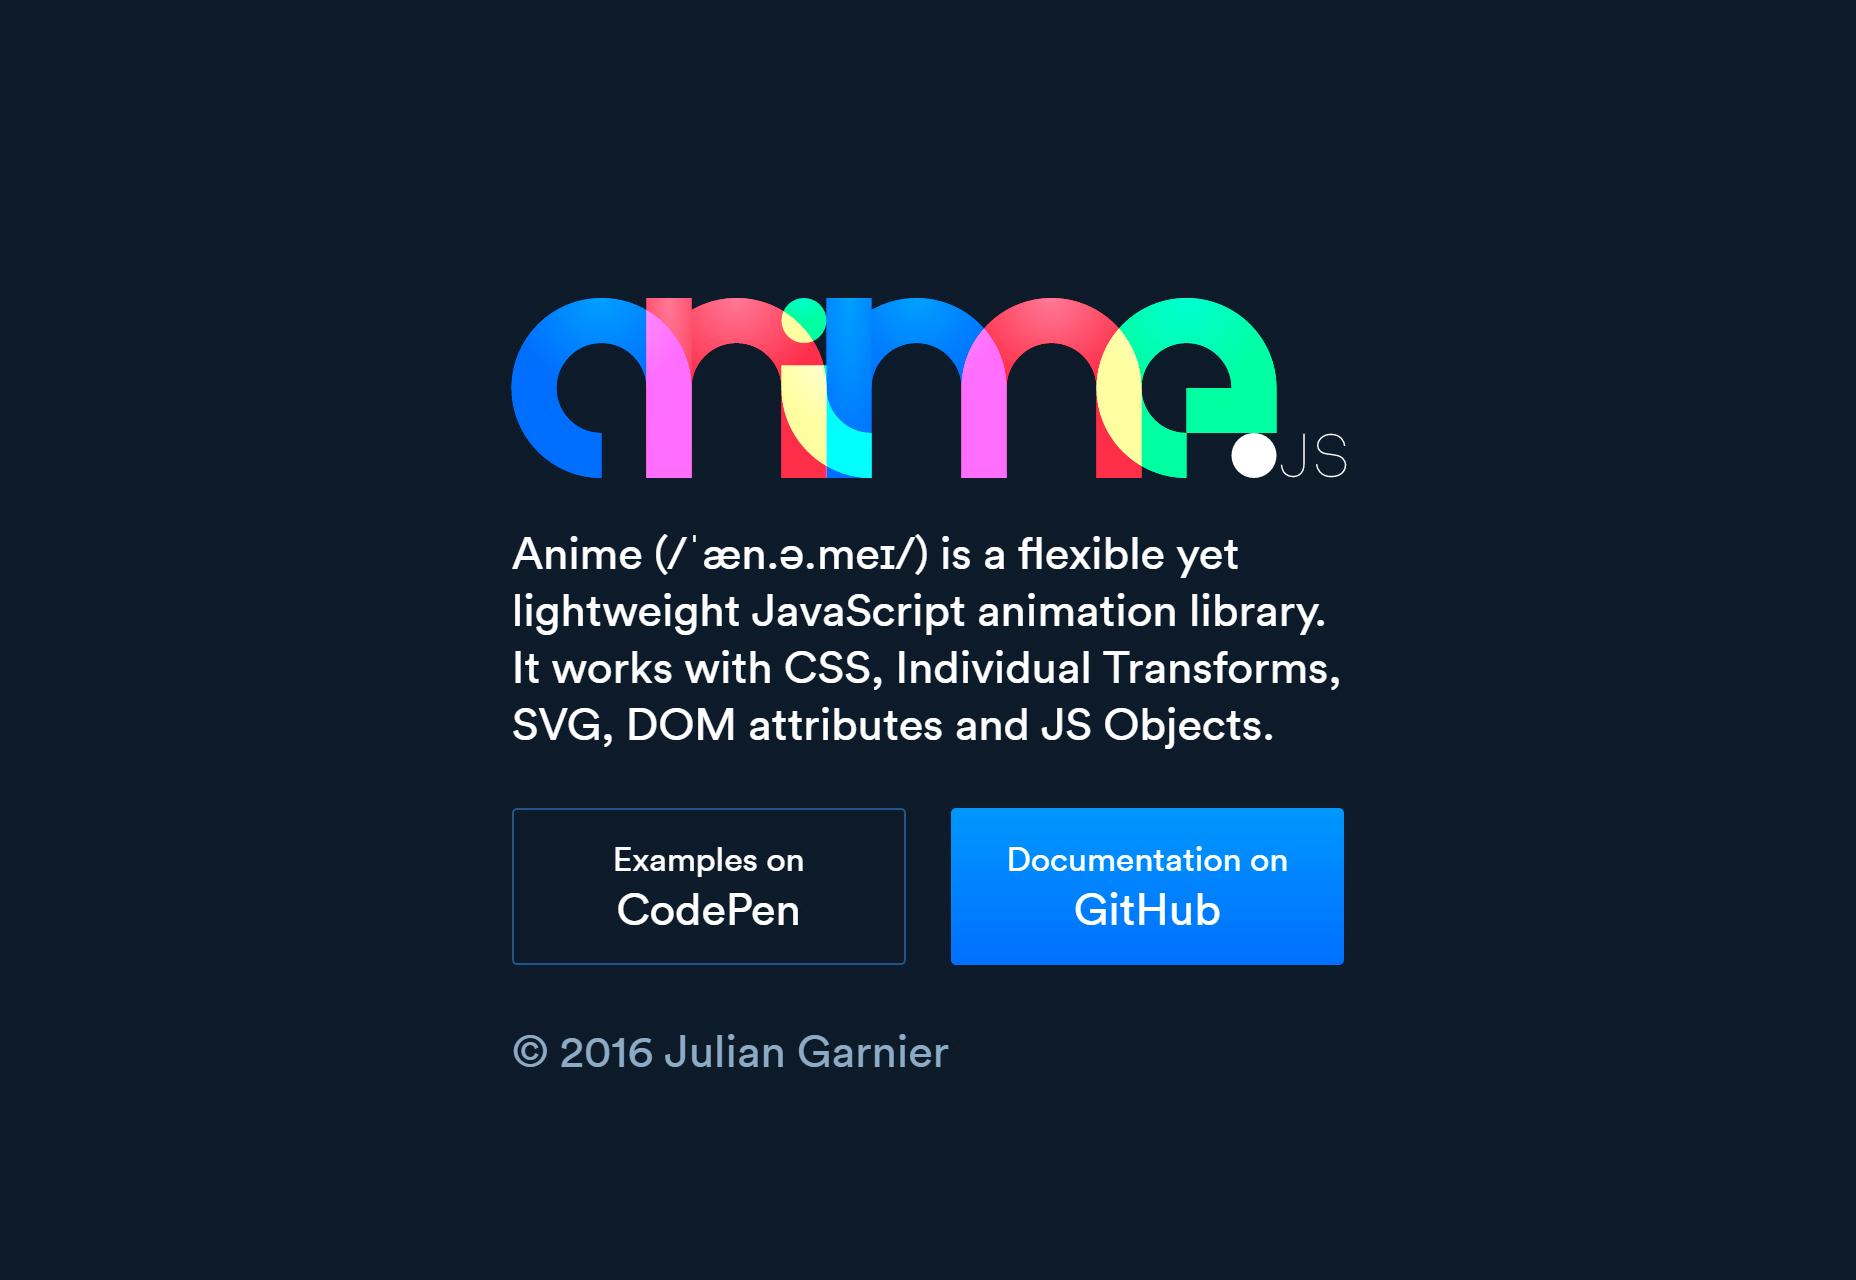 Anime.js: Výkonná knihovna animace JavaScript